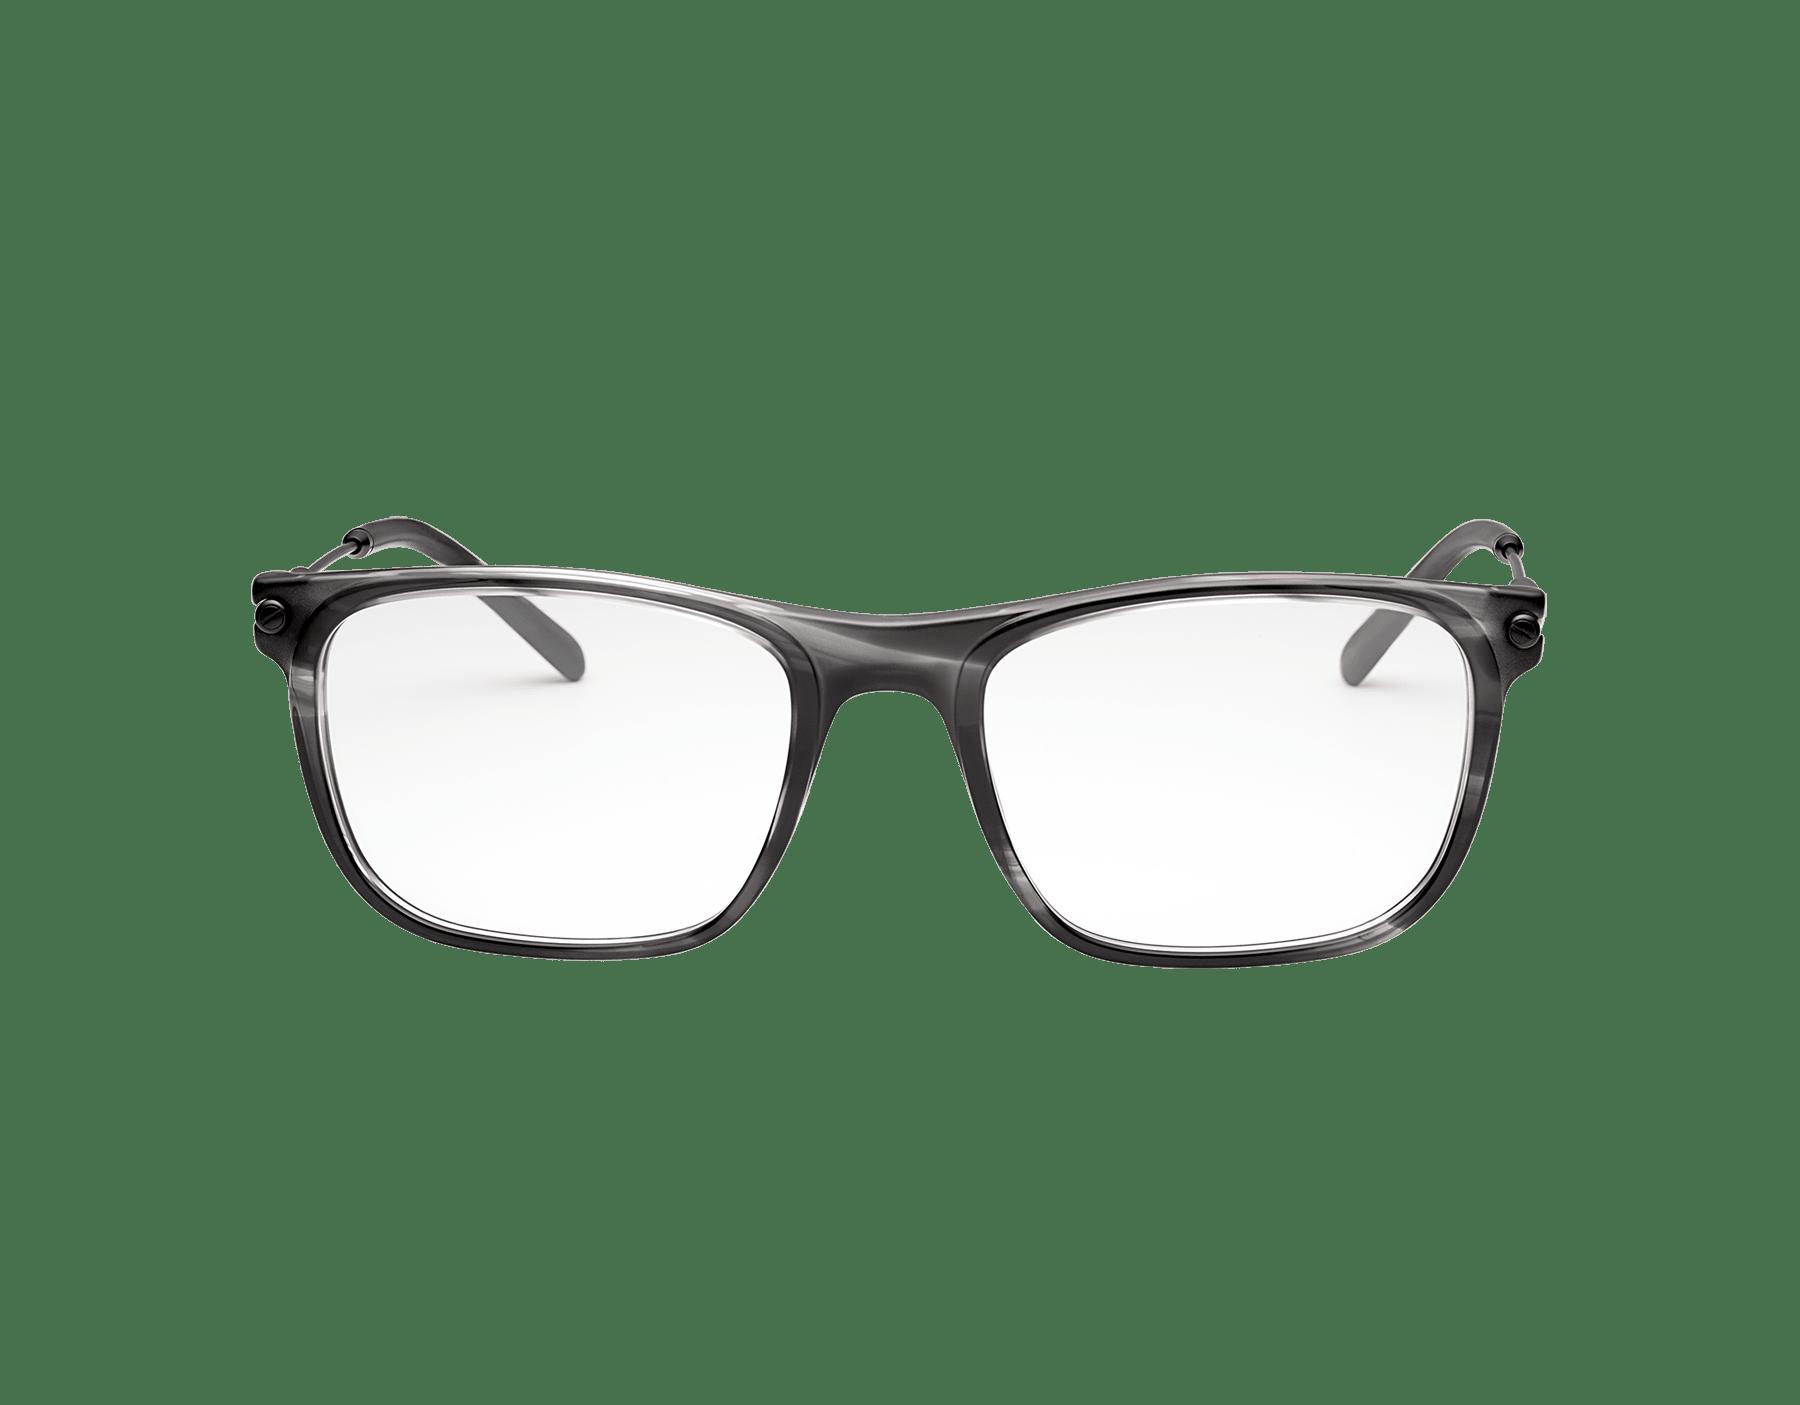 Occhiali da vista Diagono con montatura rettangolare in acetato. 903634 image 2